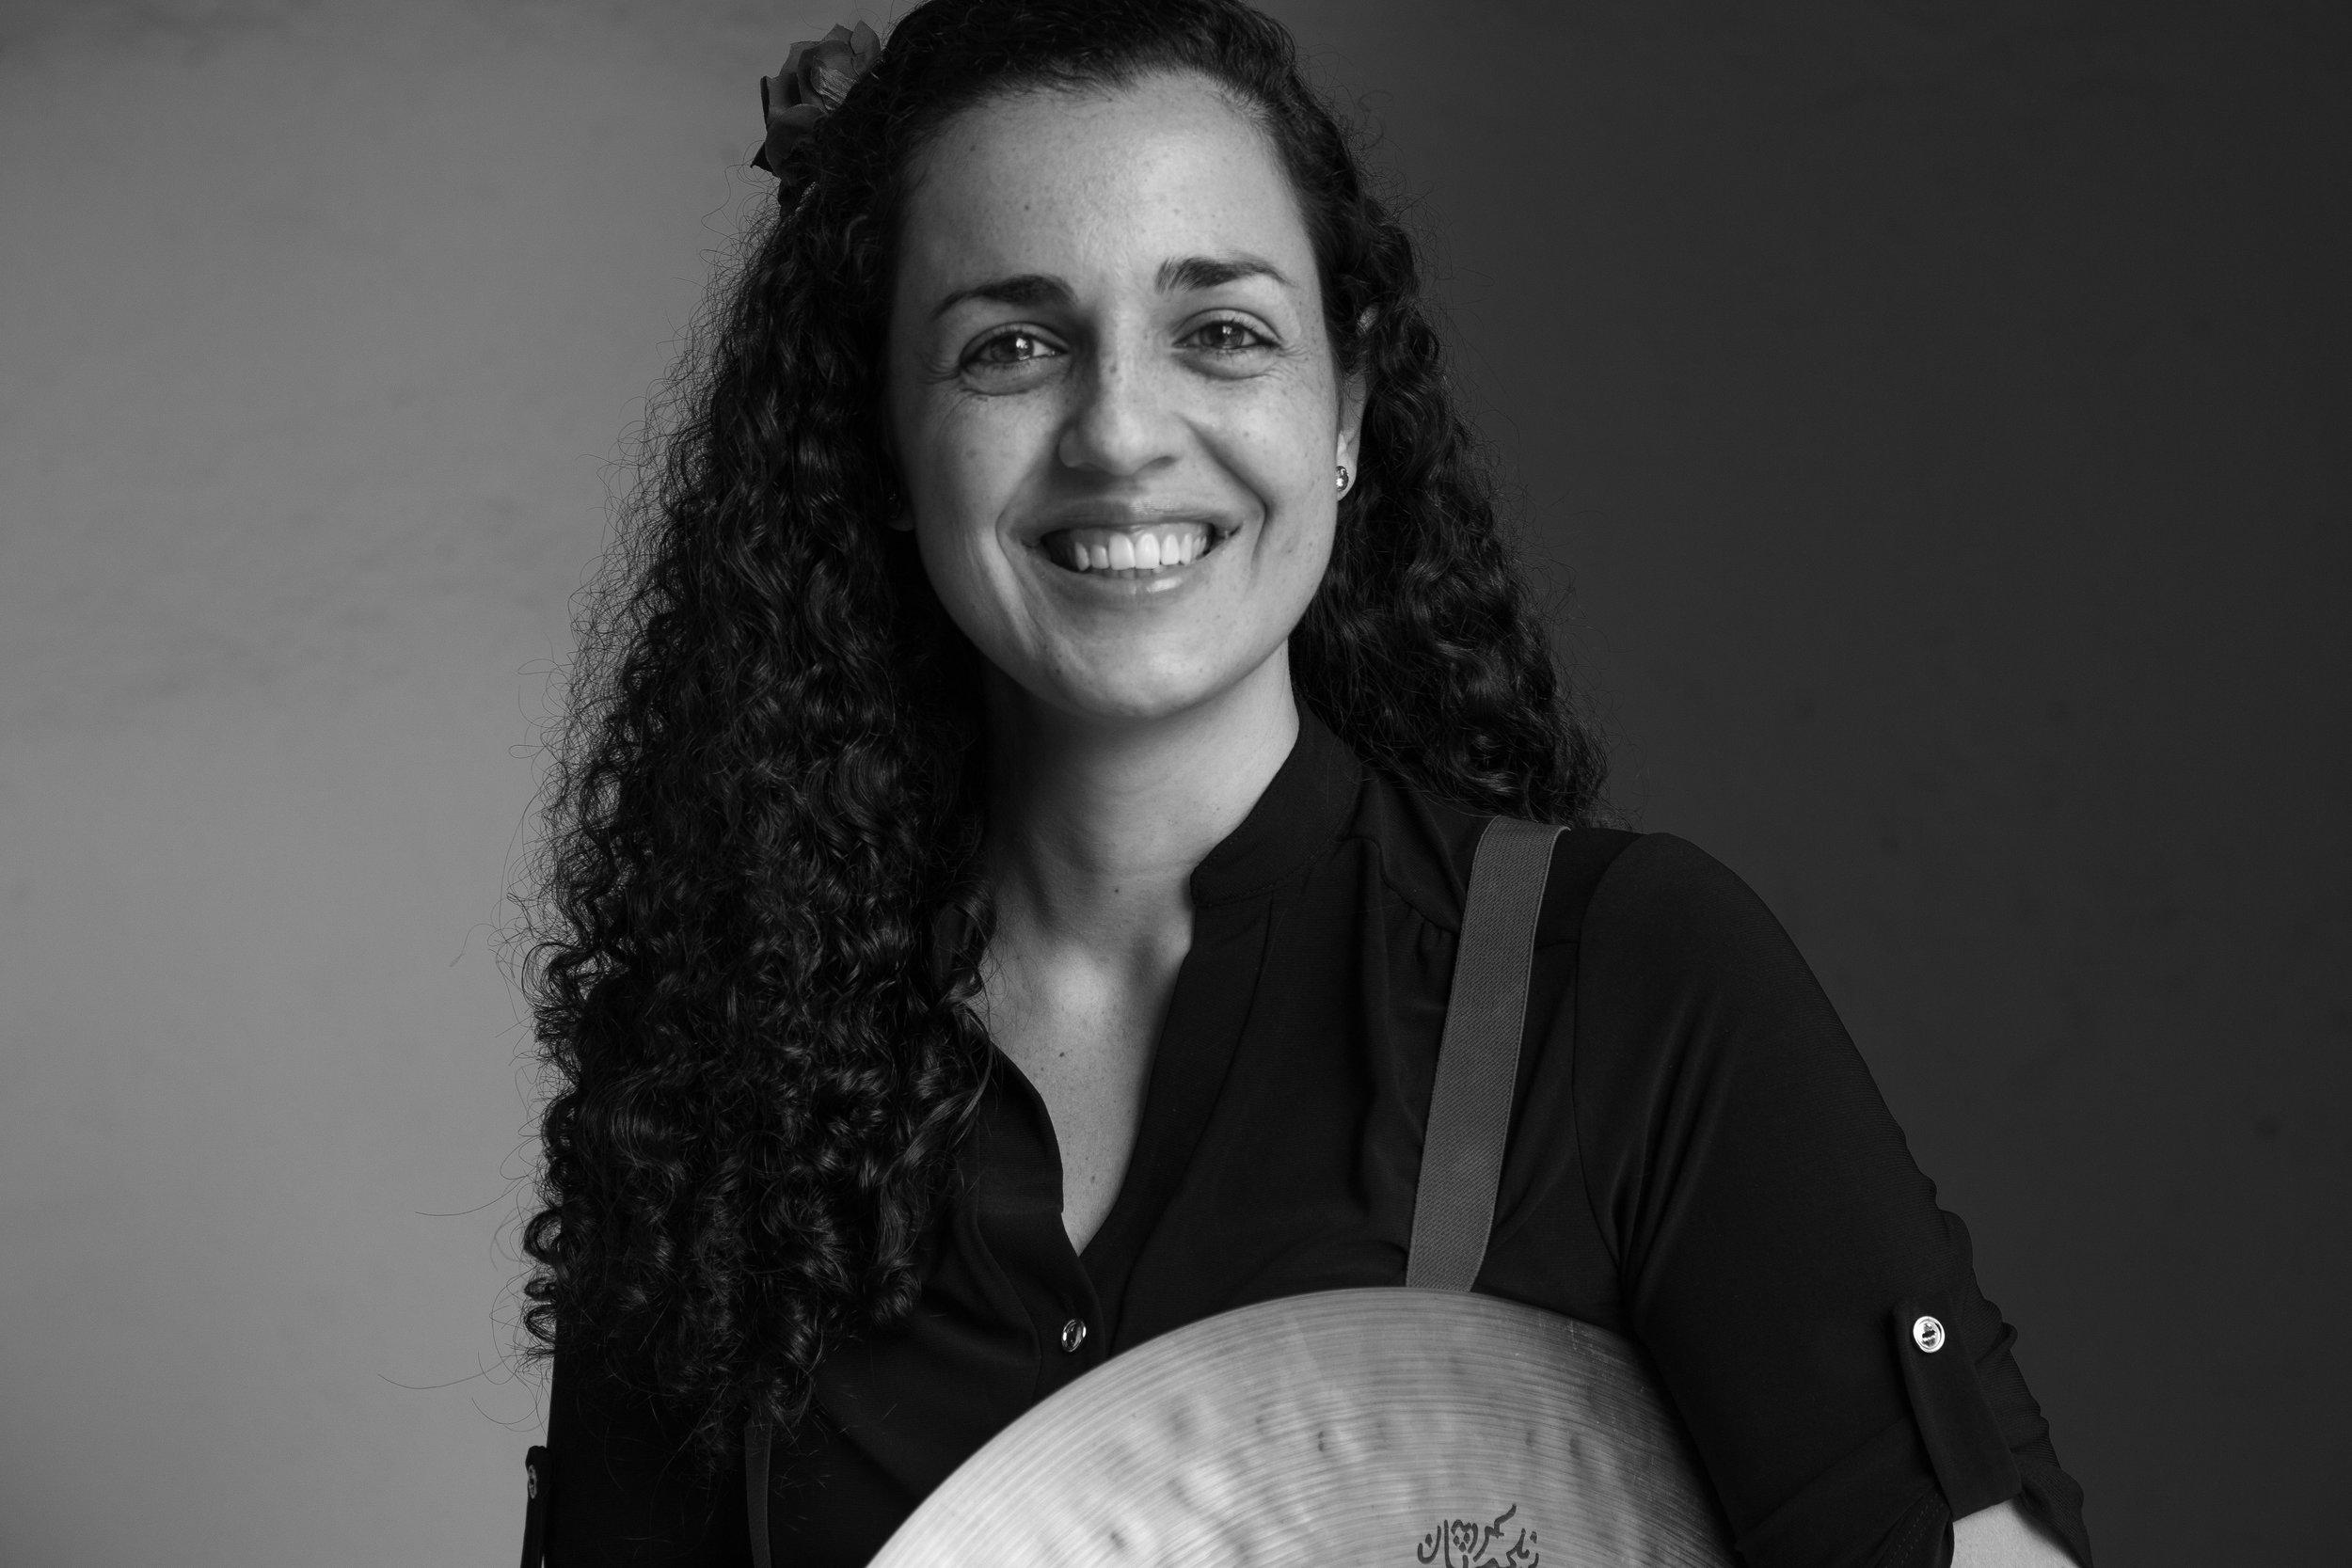 Ana Barreiro - Drums